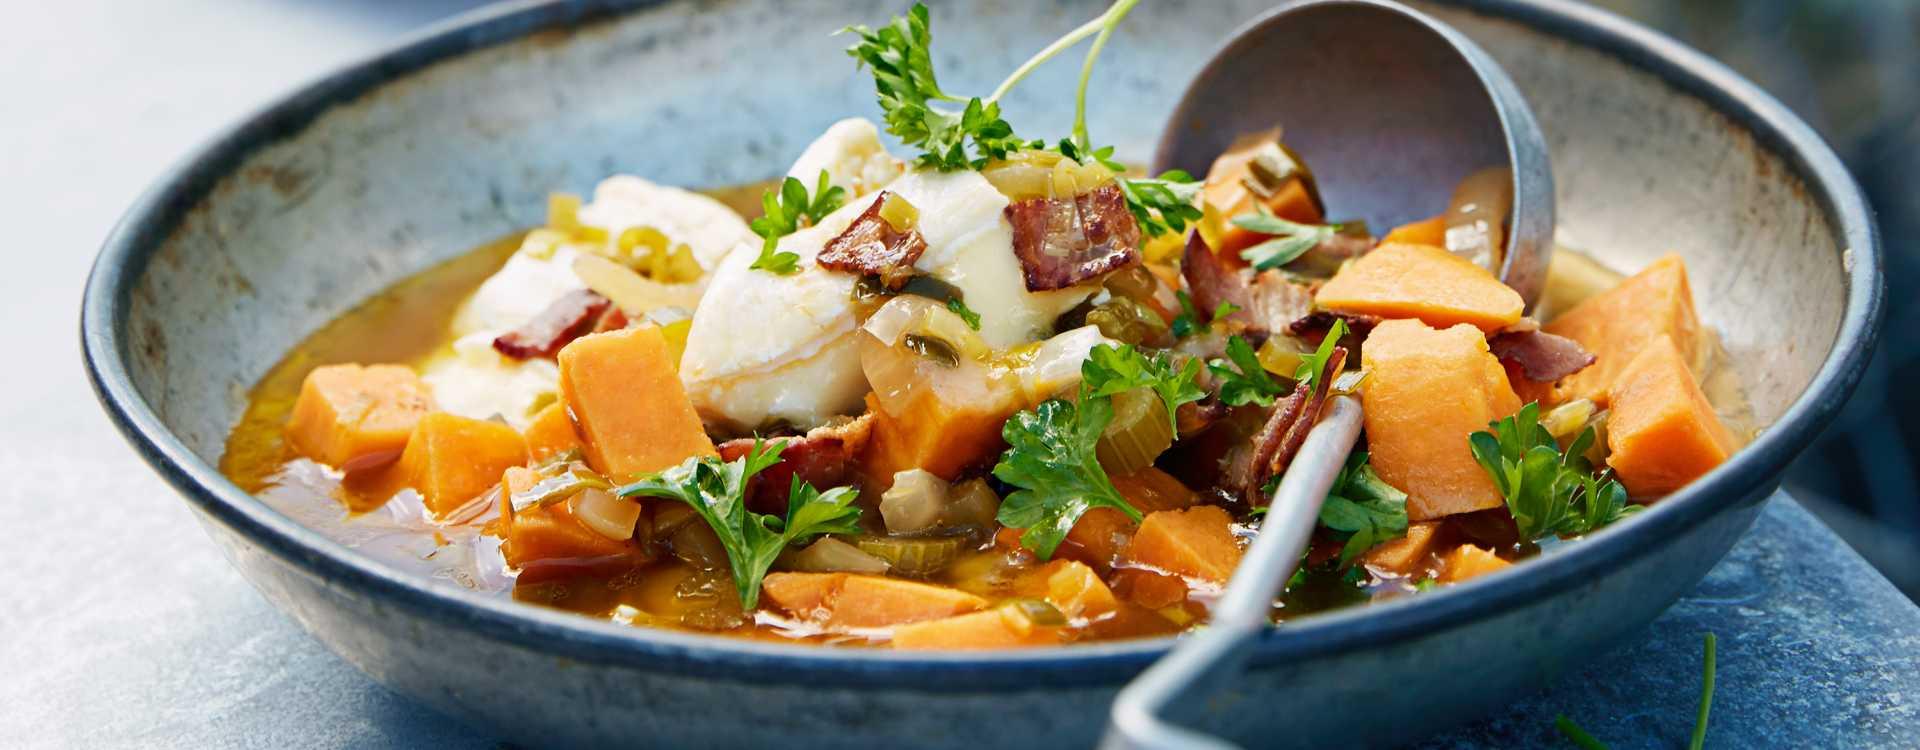 Klar suppe av søtpotet og stangselleri med varm brieost